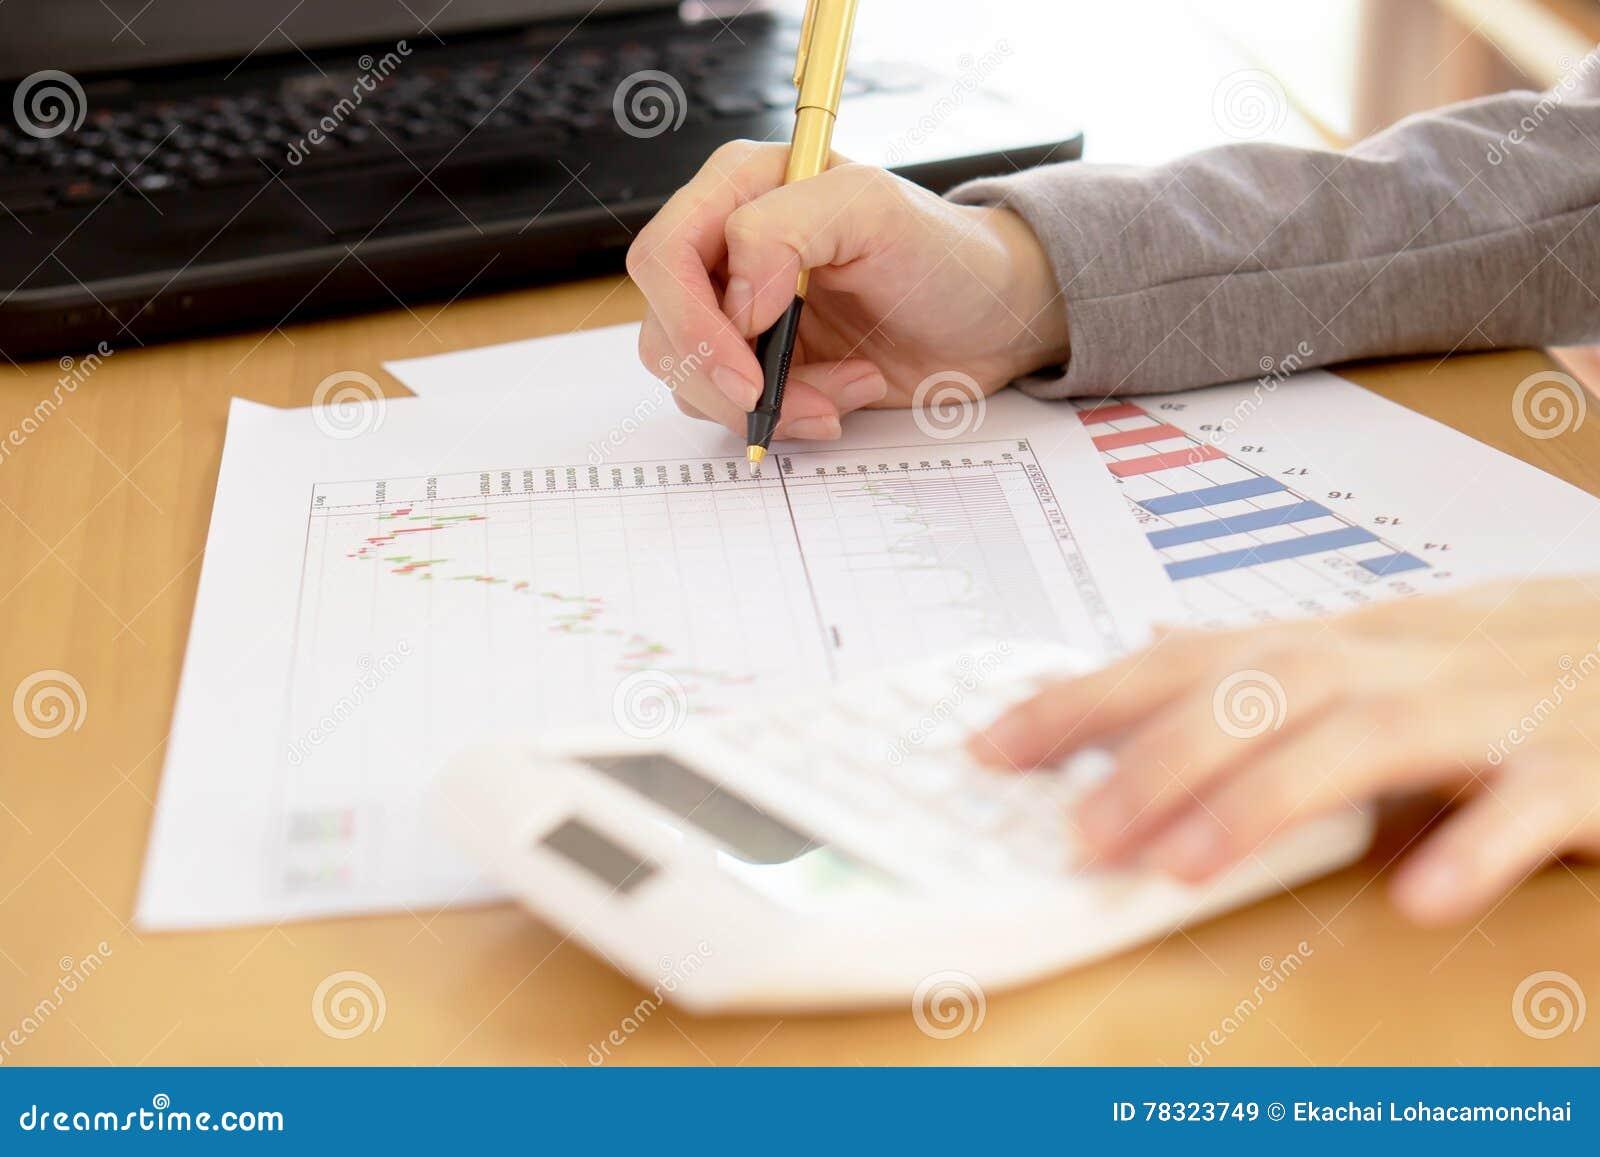 Een Bedrijfsadviseur werkt om bedrijfgegevens van grafiek te analyseren